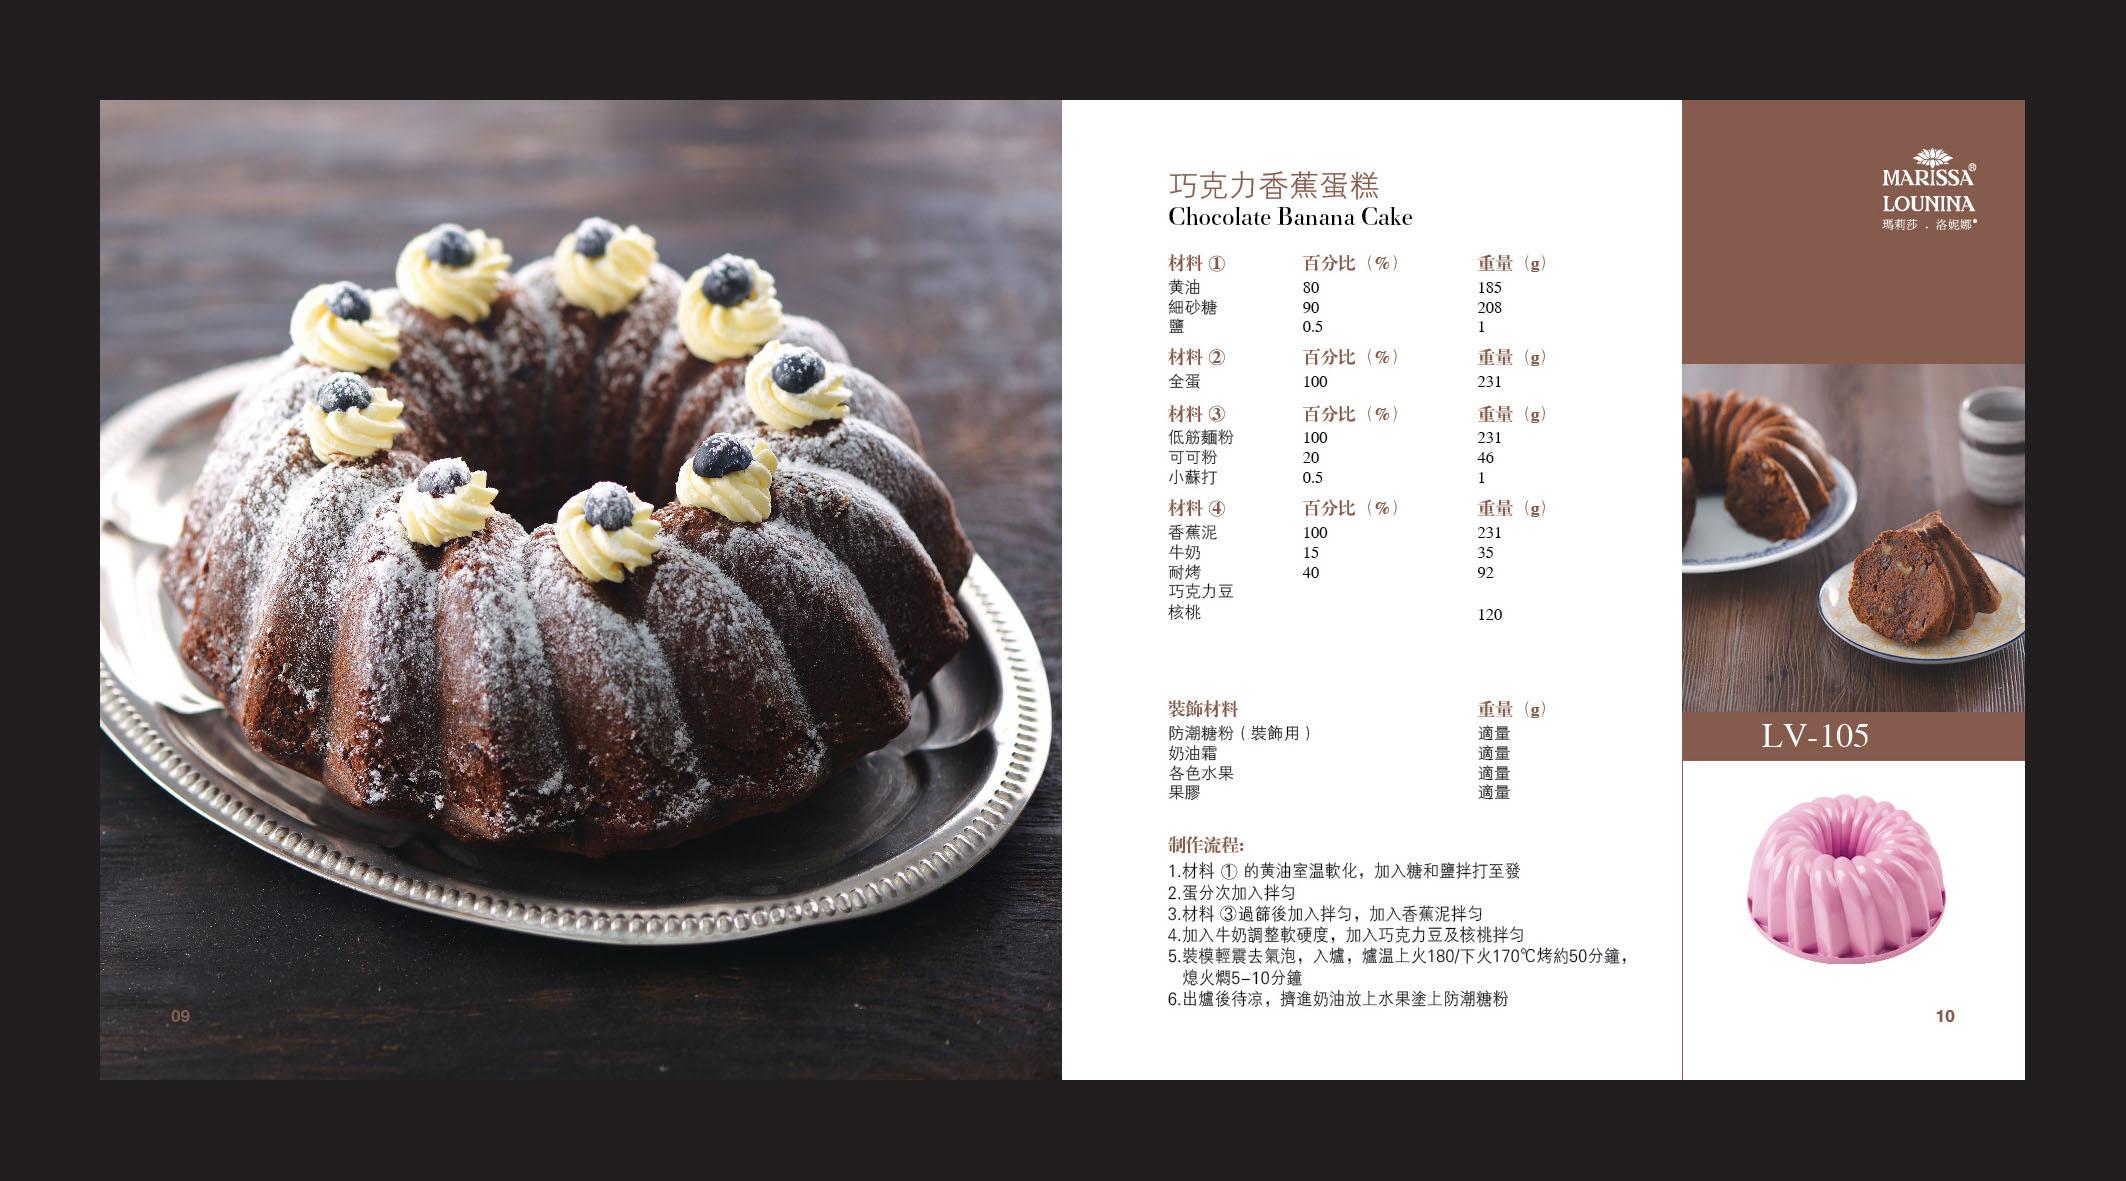 吕一斌 蛋糕模菜谱-105.jpg